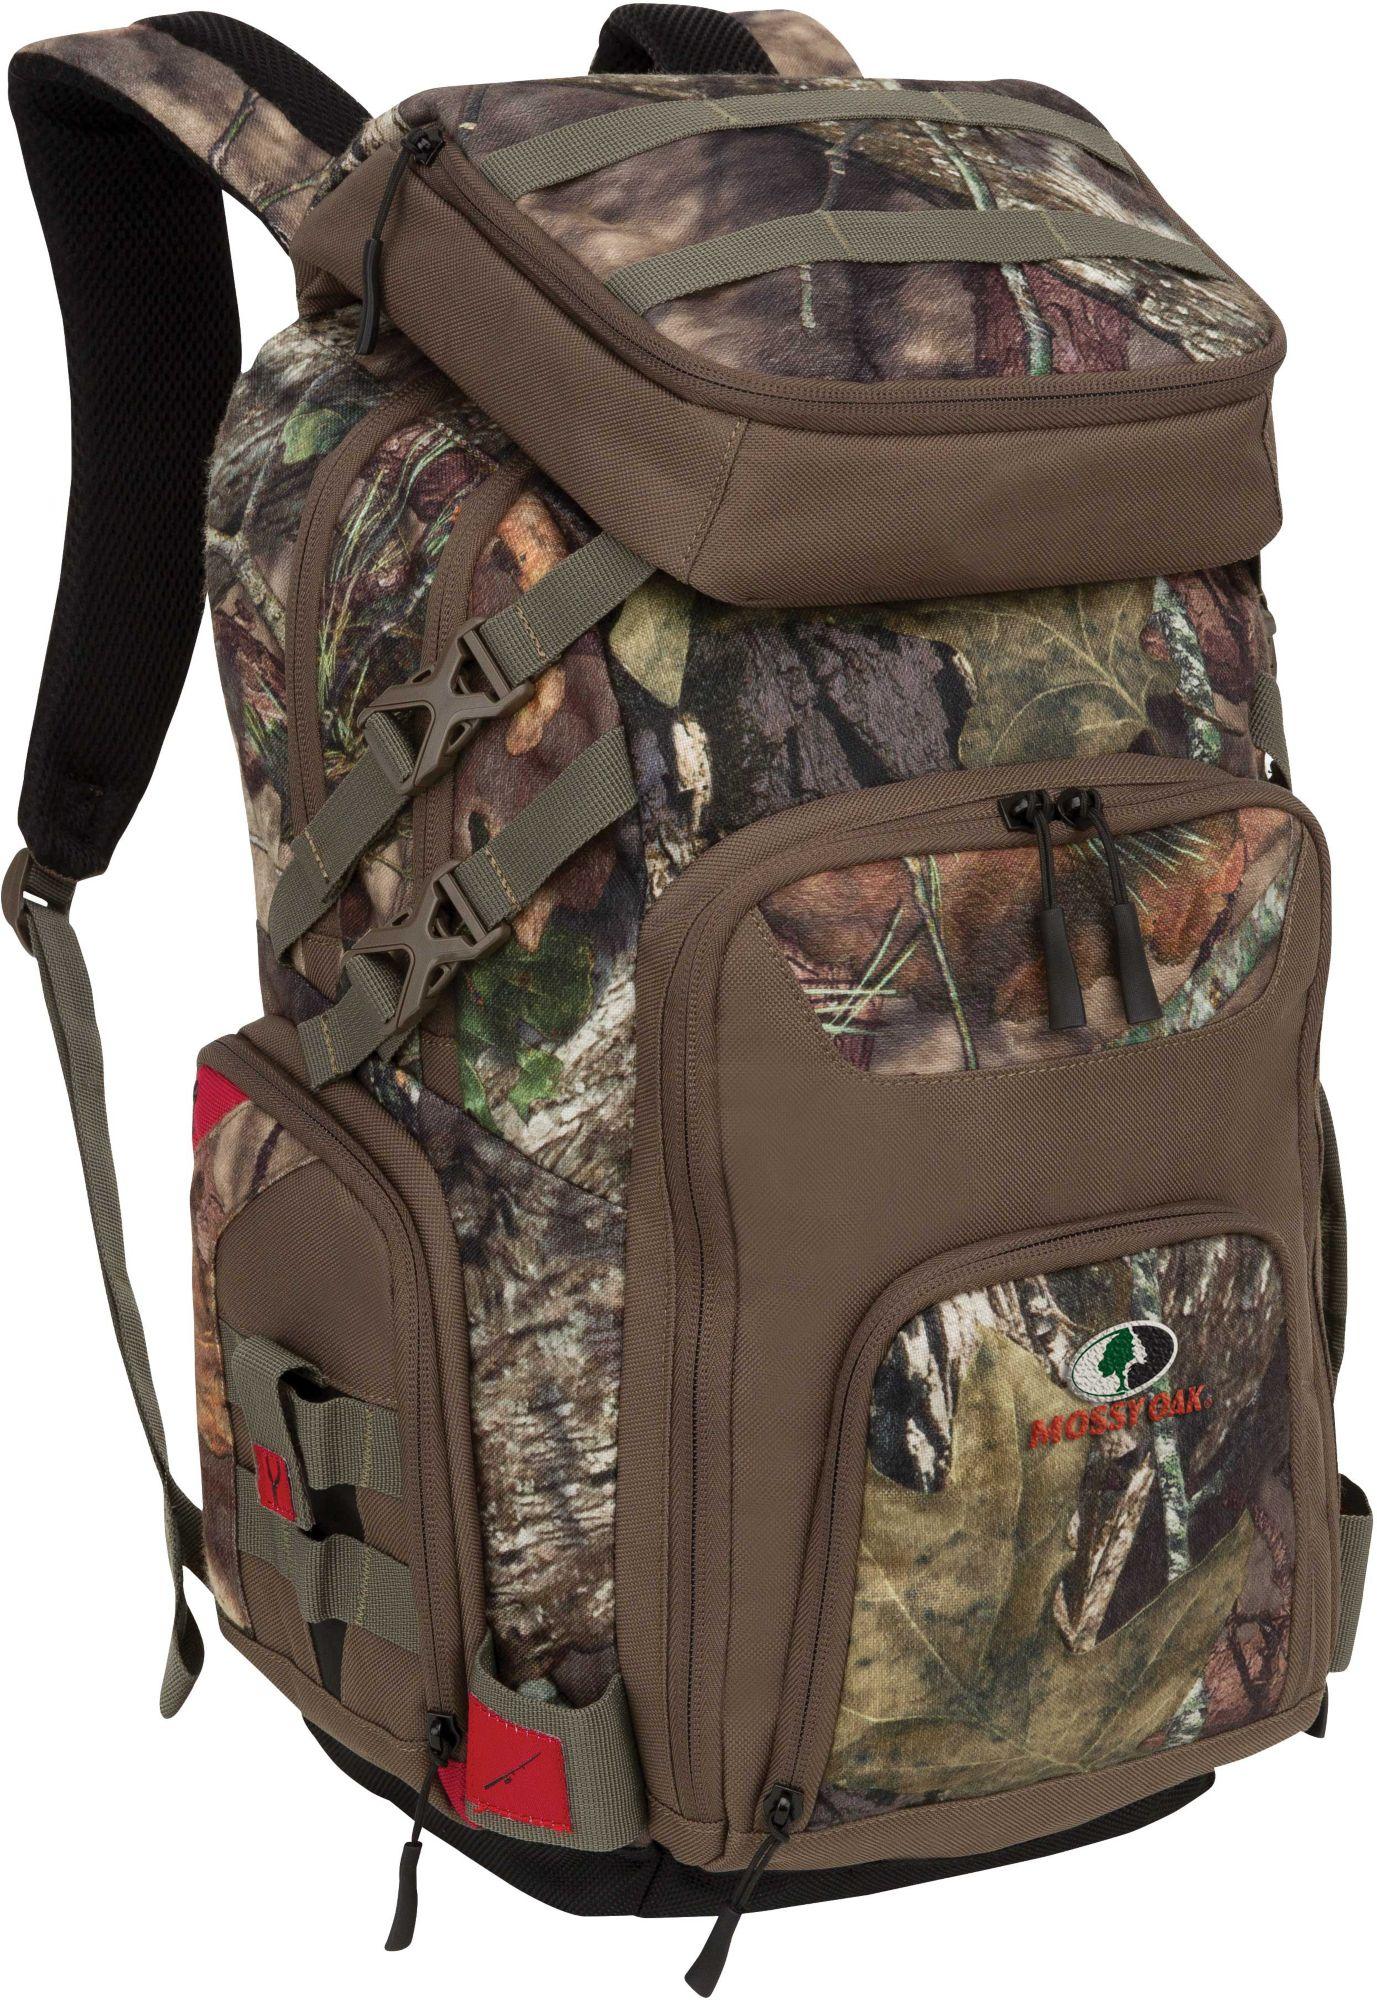 Cooler Backpack For Dog S Food